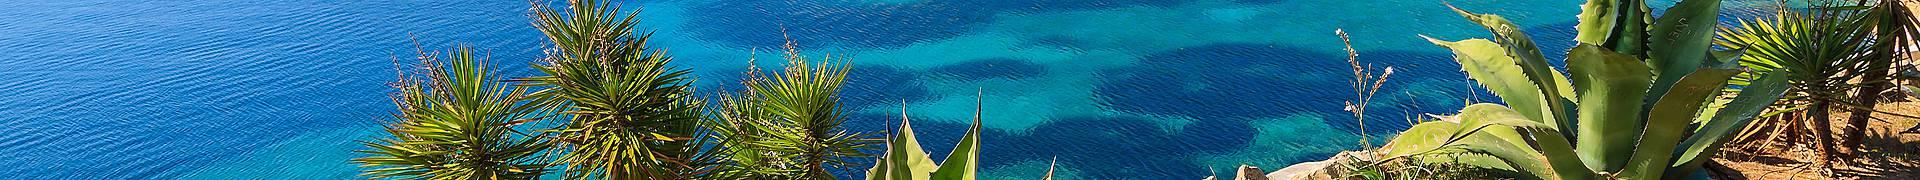 Îles Baléares